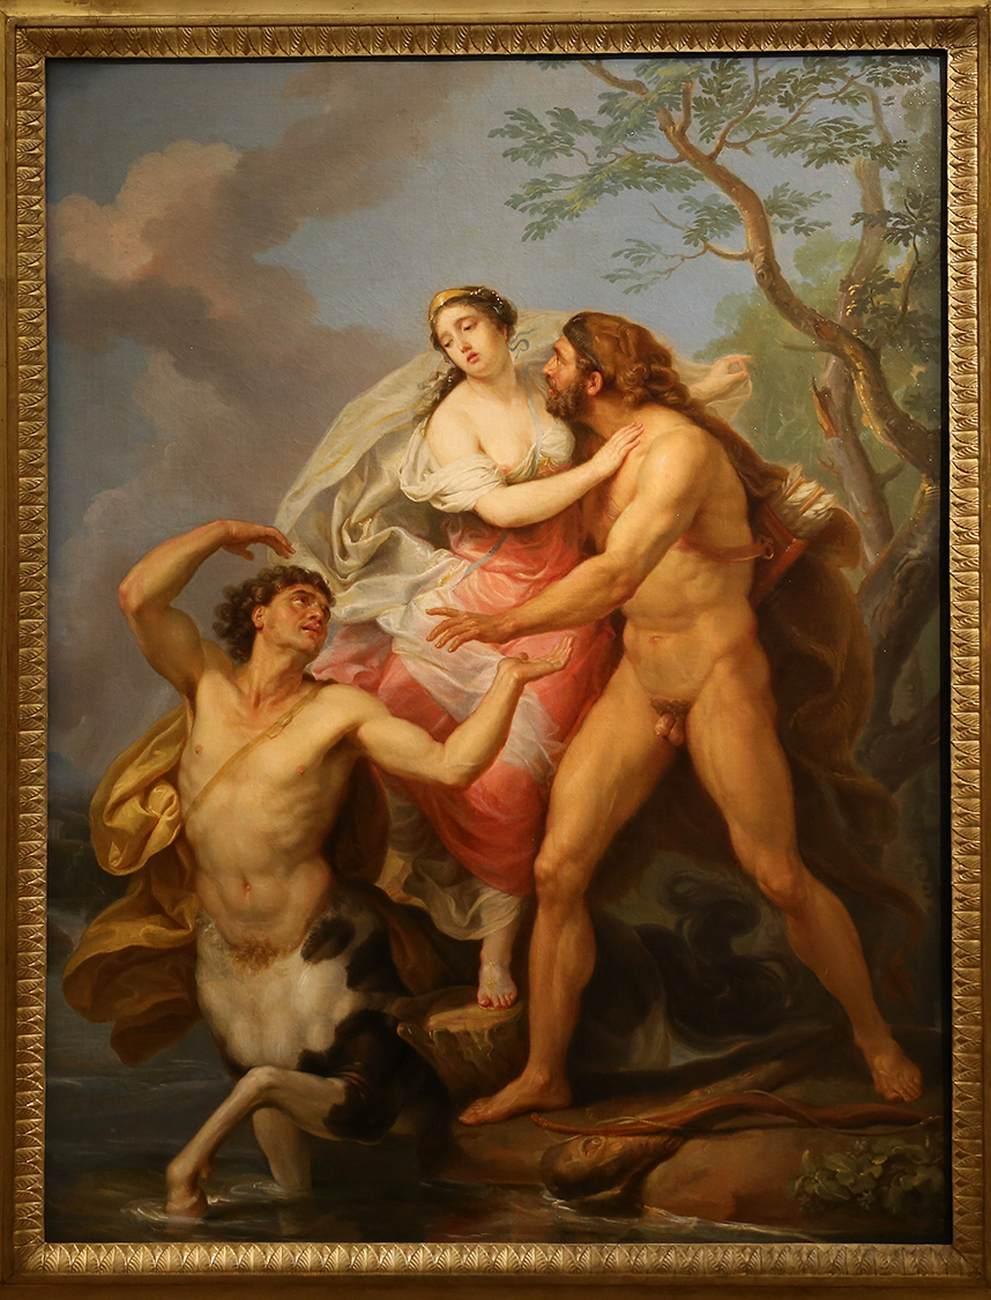 Nessus and Deianira by PÉCHEUX, Laurent